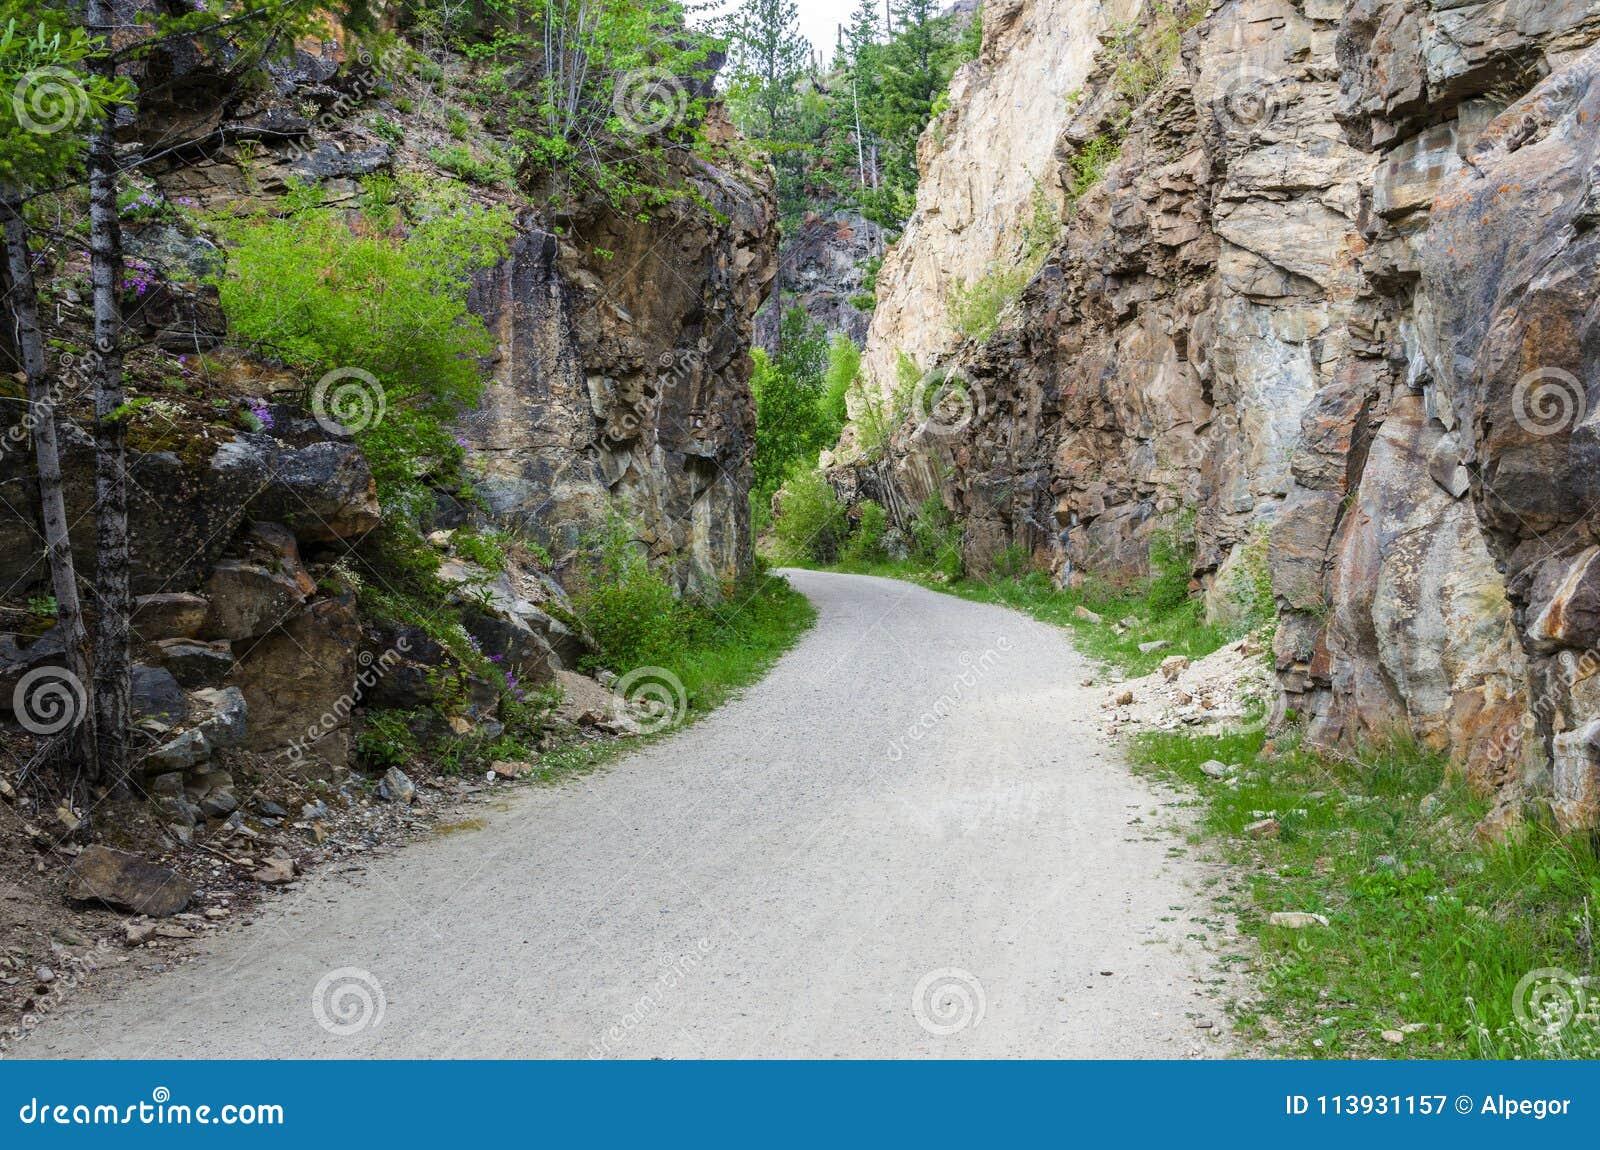 石渣道路穿过峡谷